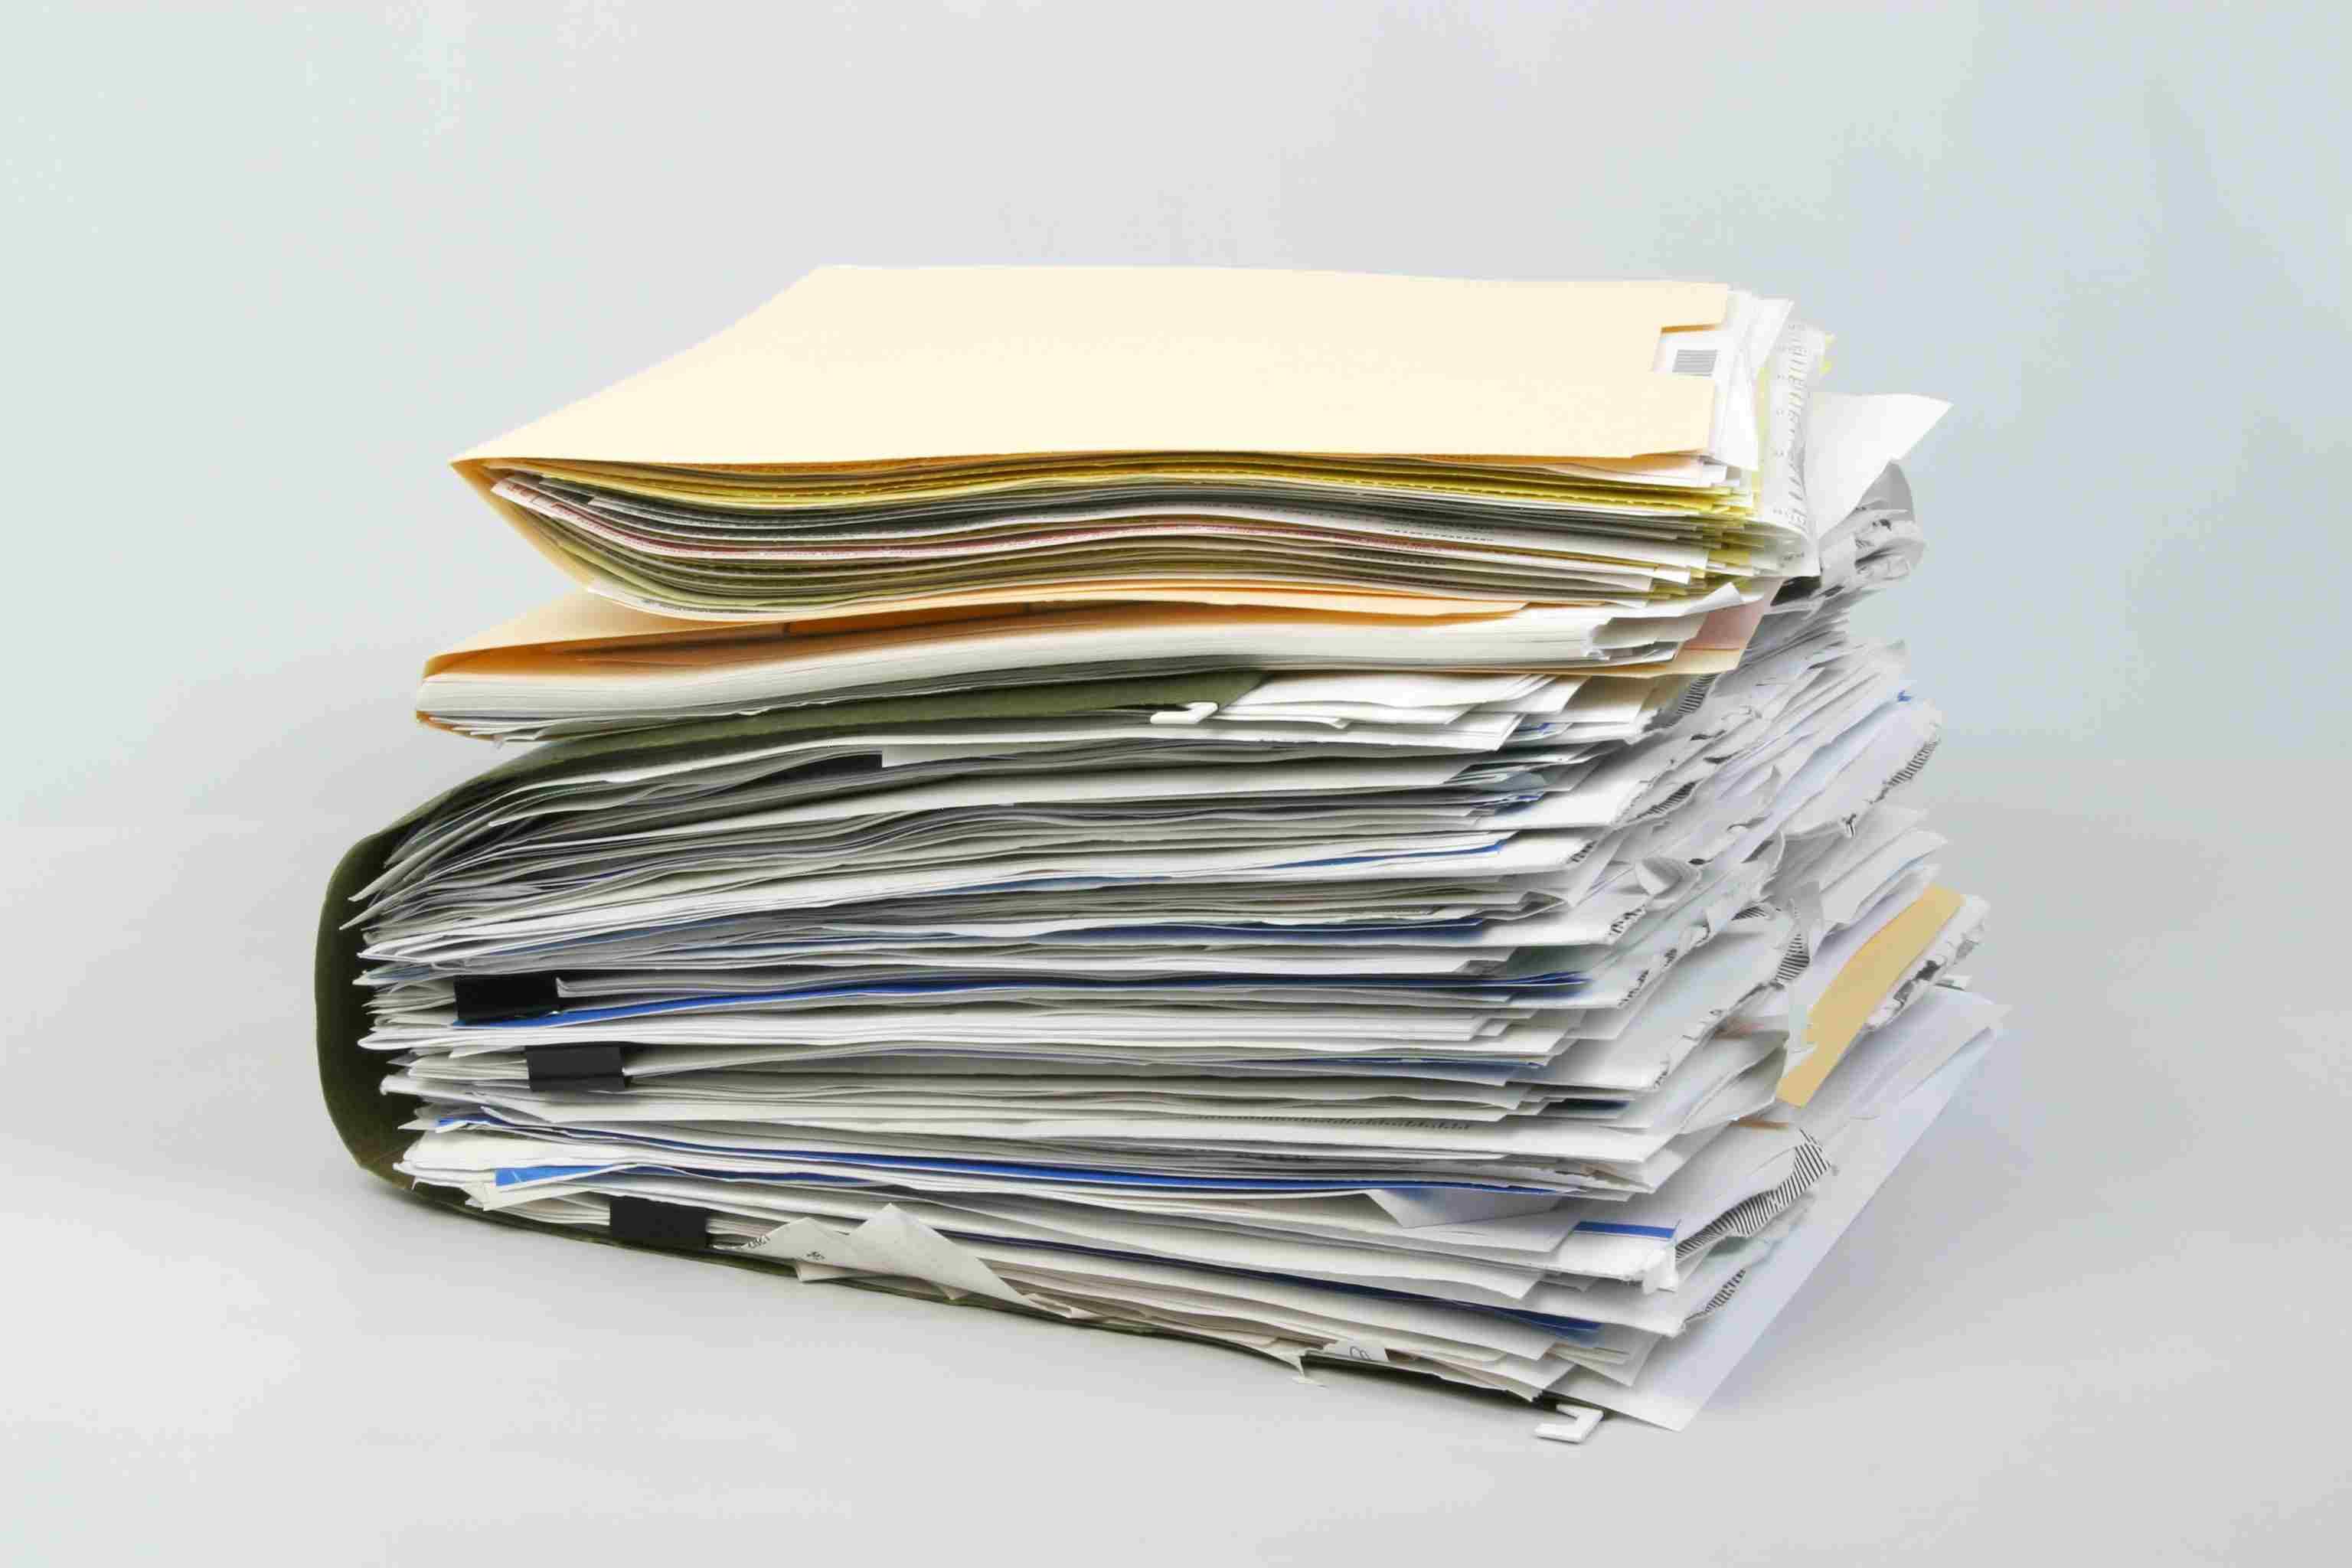 Overstuffed File Folders Document Paper Portfolio